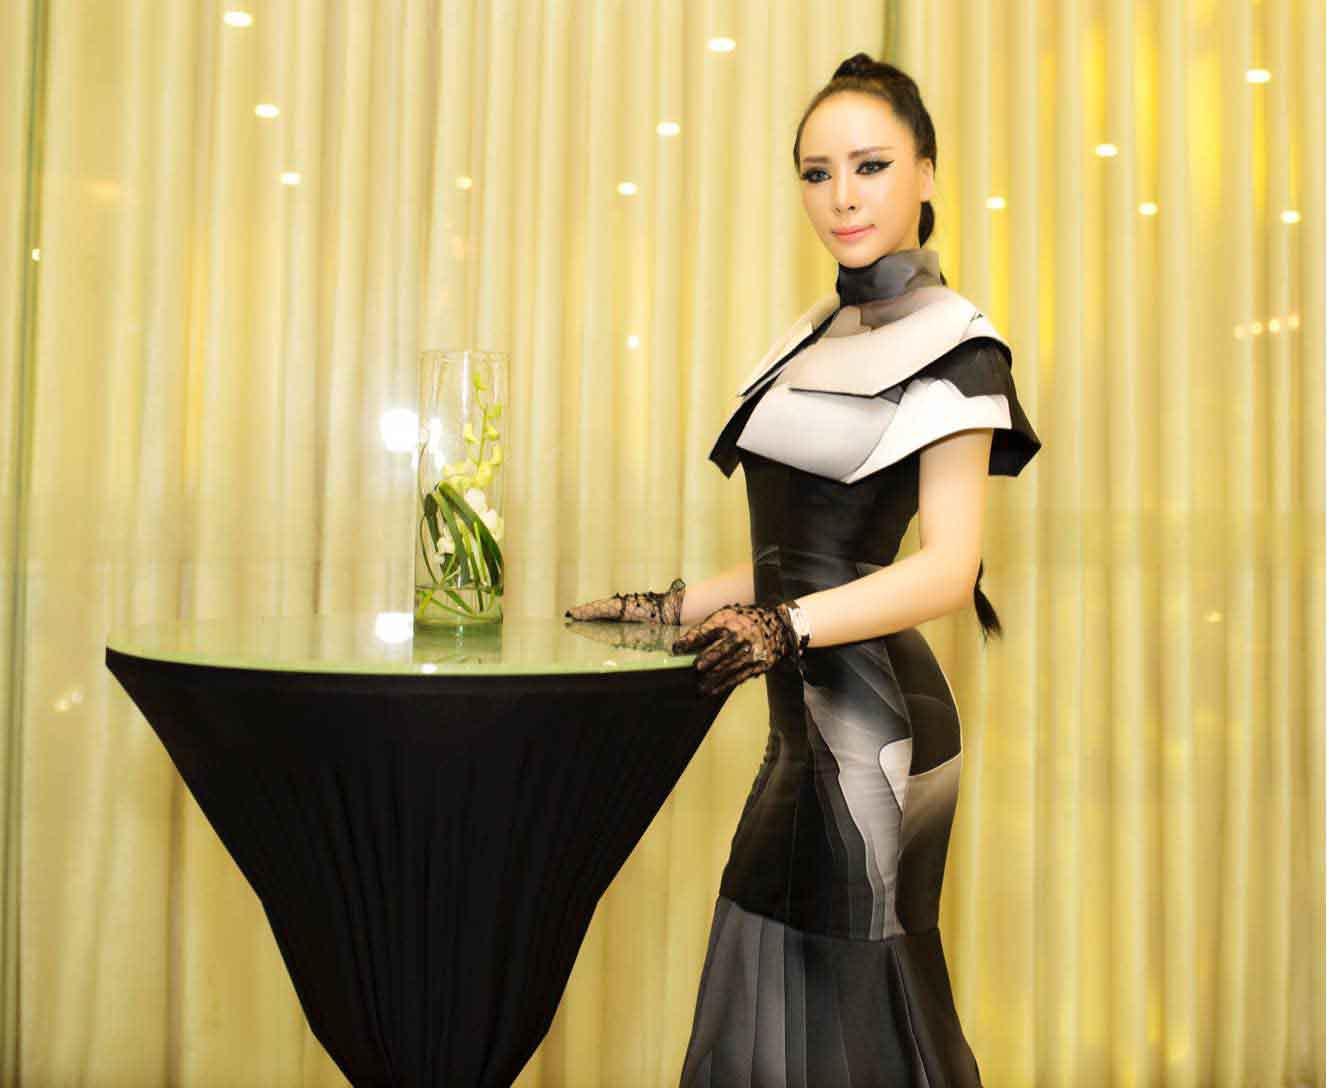 Á hậu Ngọc Quỳnh cá tính với trang phục dạ hội tông màu đen trắng